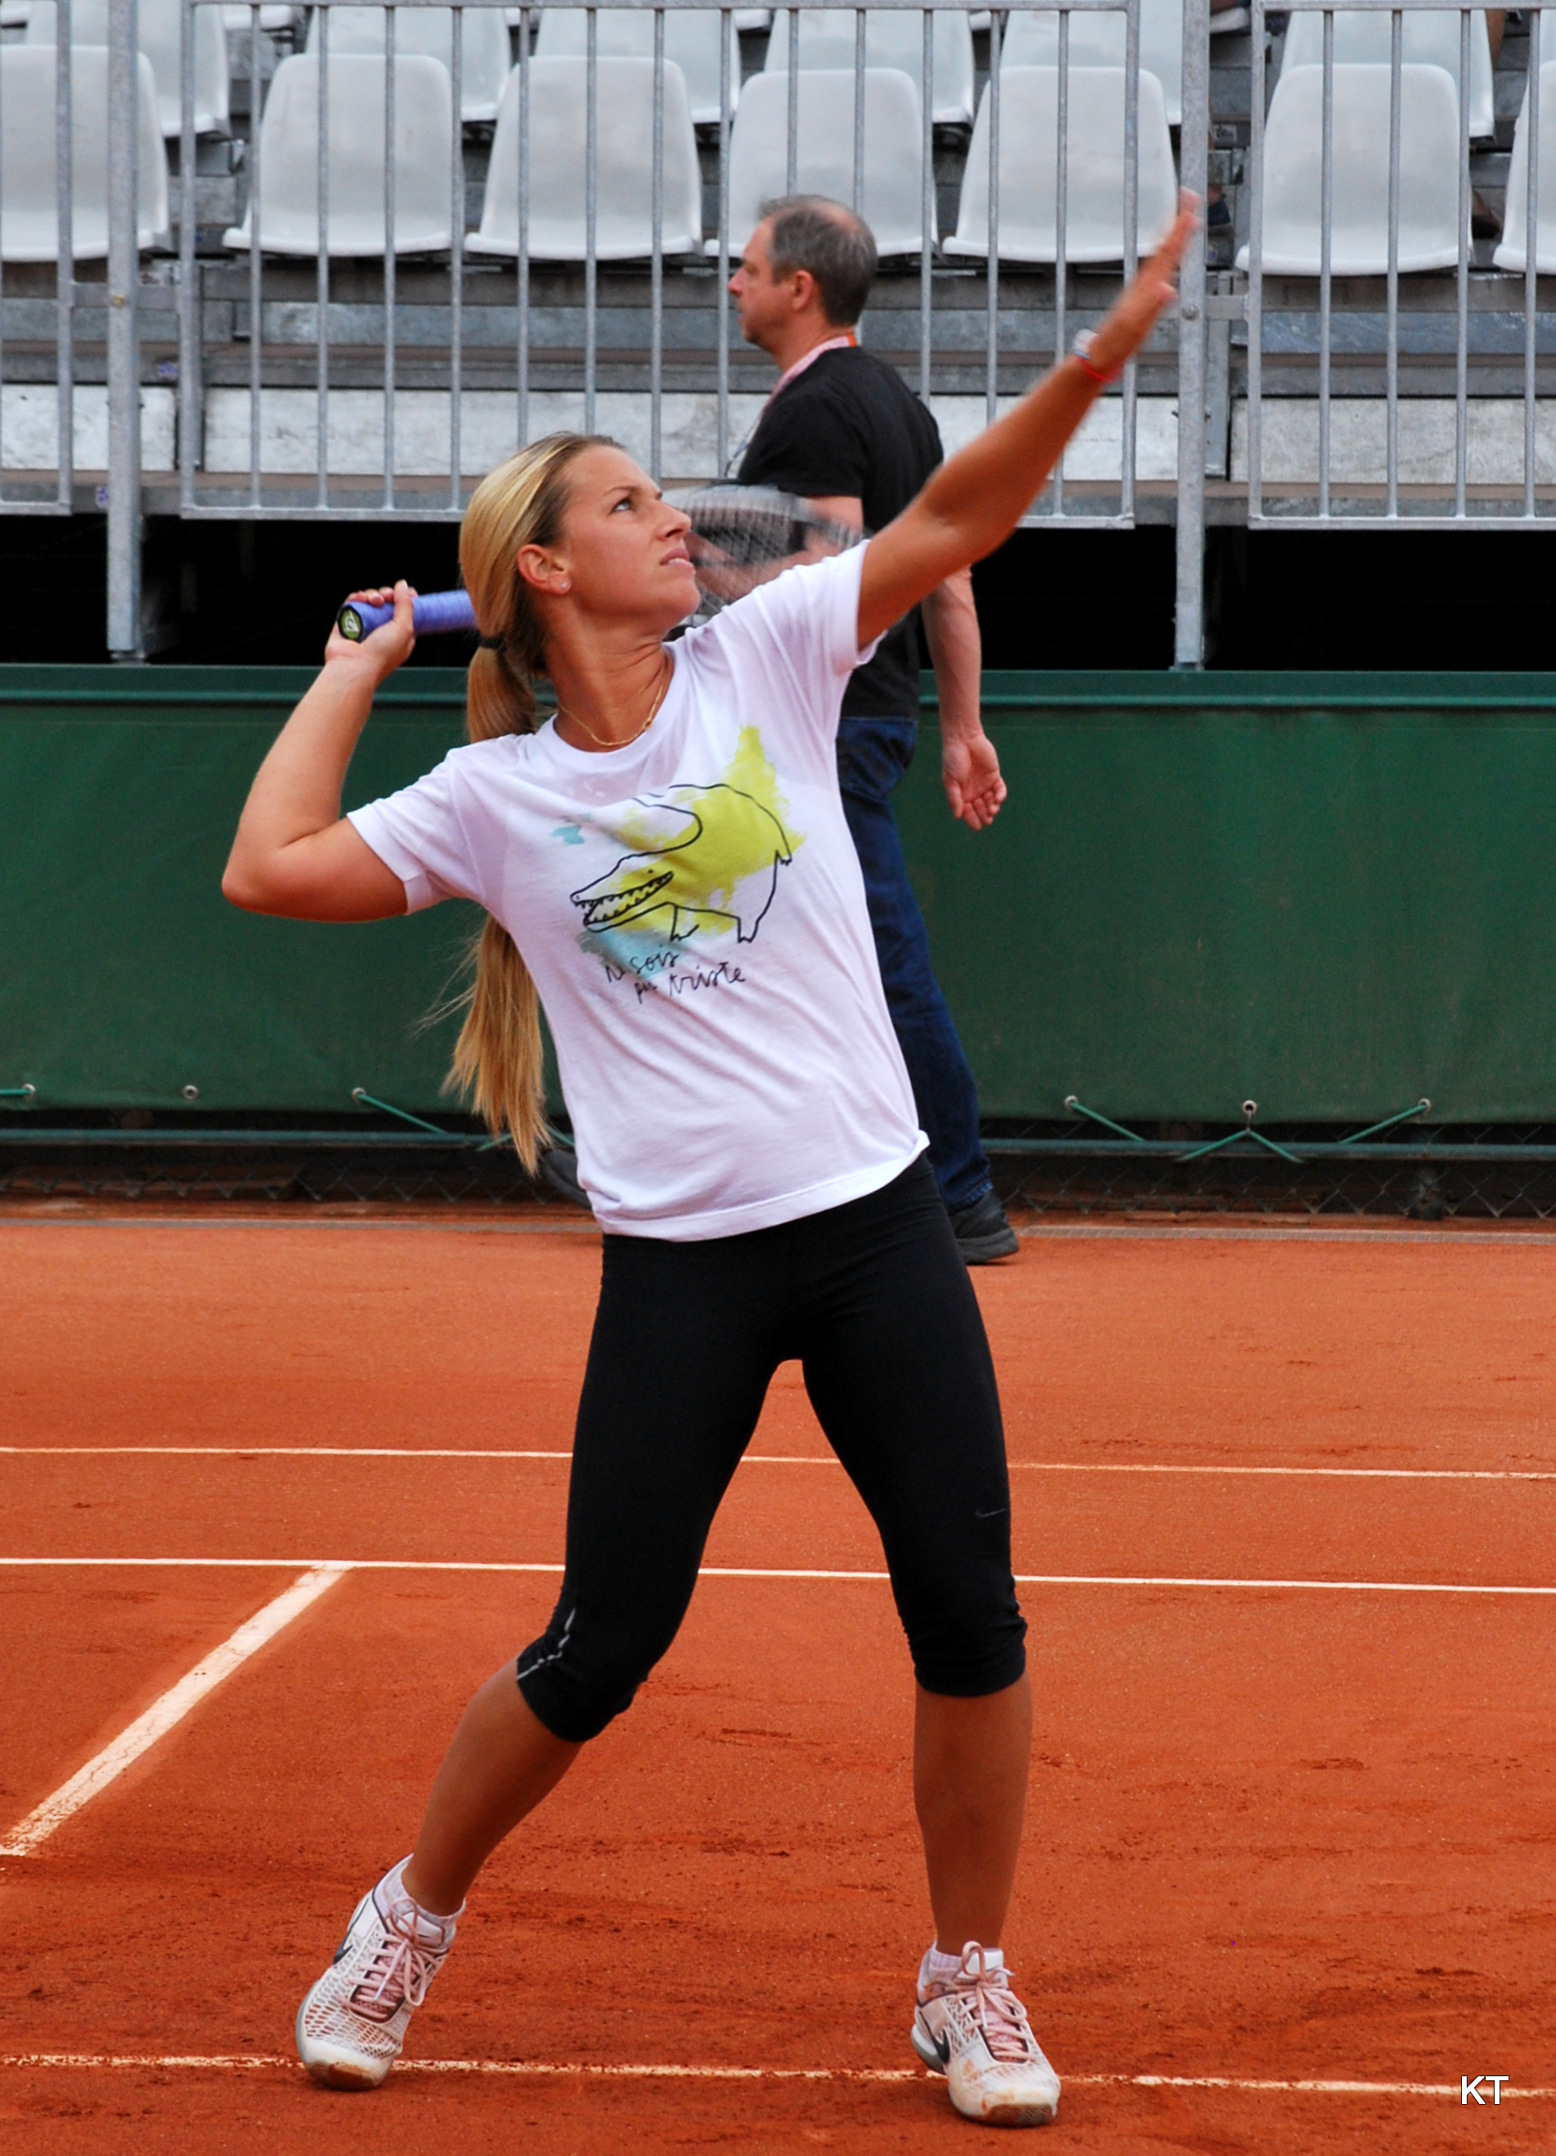 image Sabine lisicki training in legging